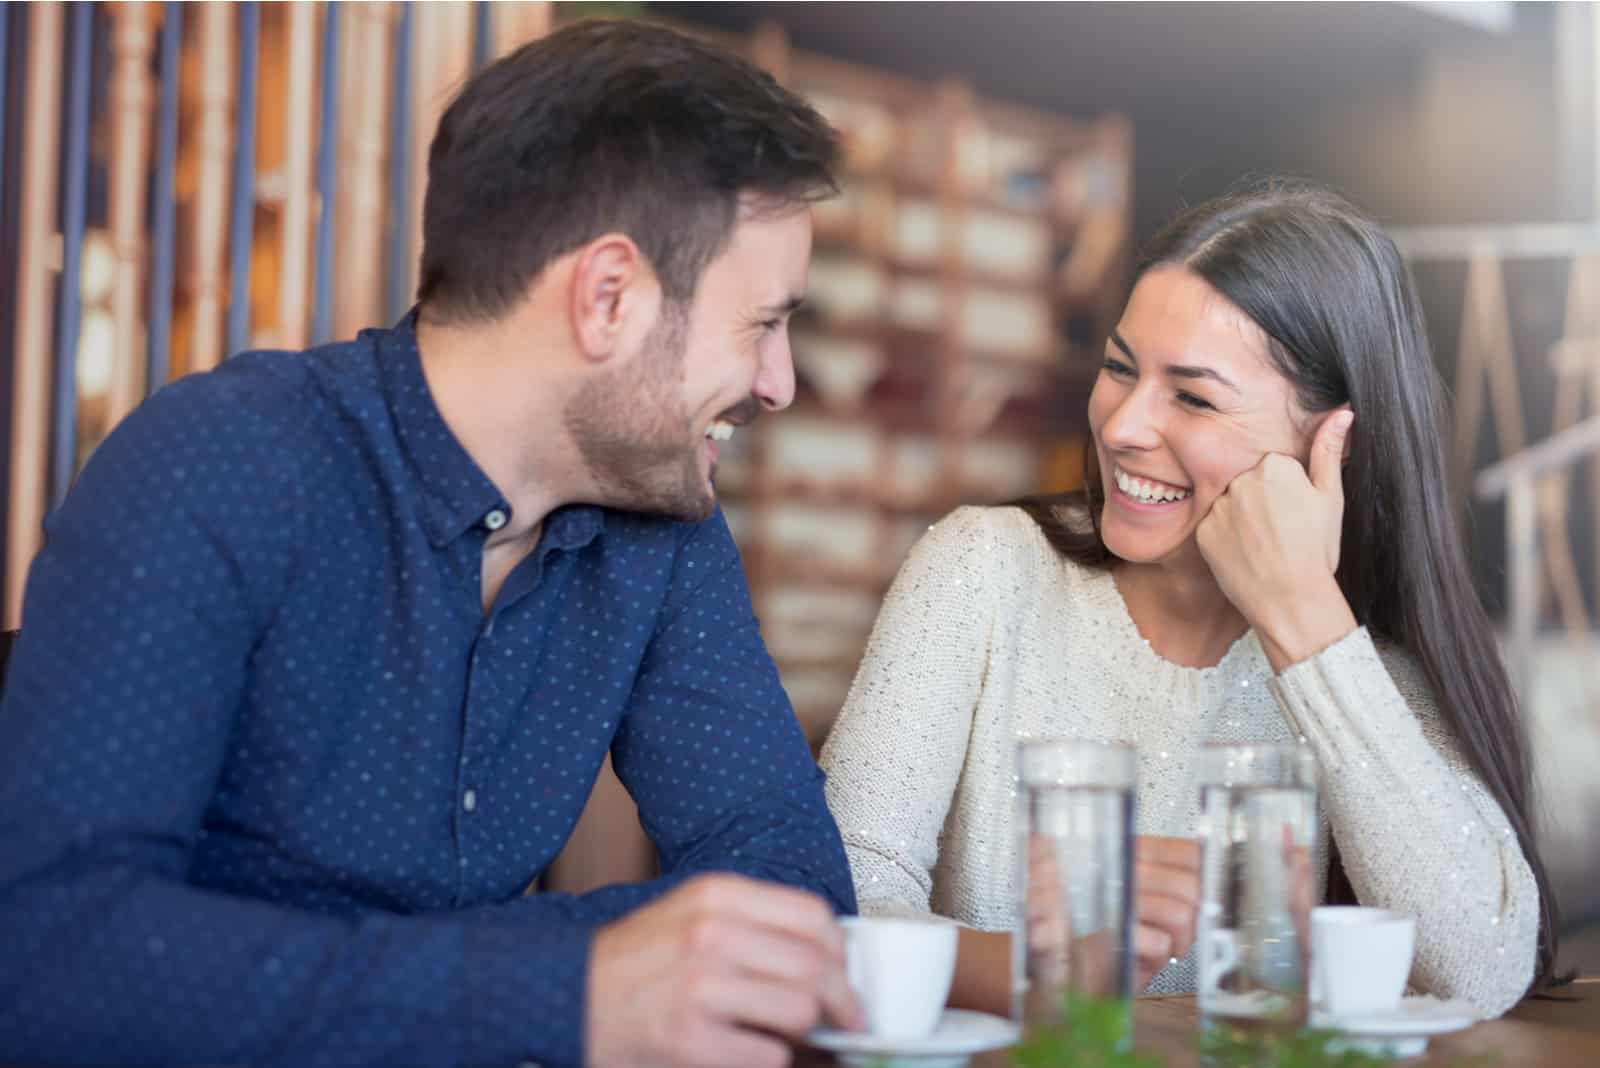 l'homme et la femme s'assoient en se regardant et en riant